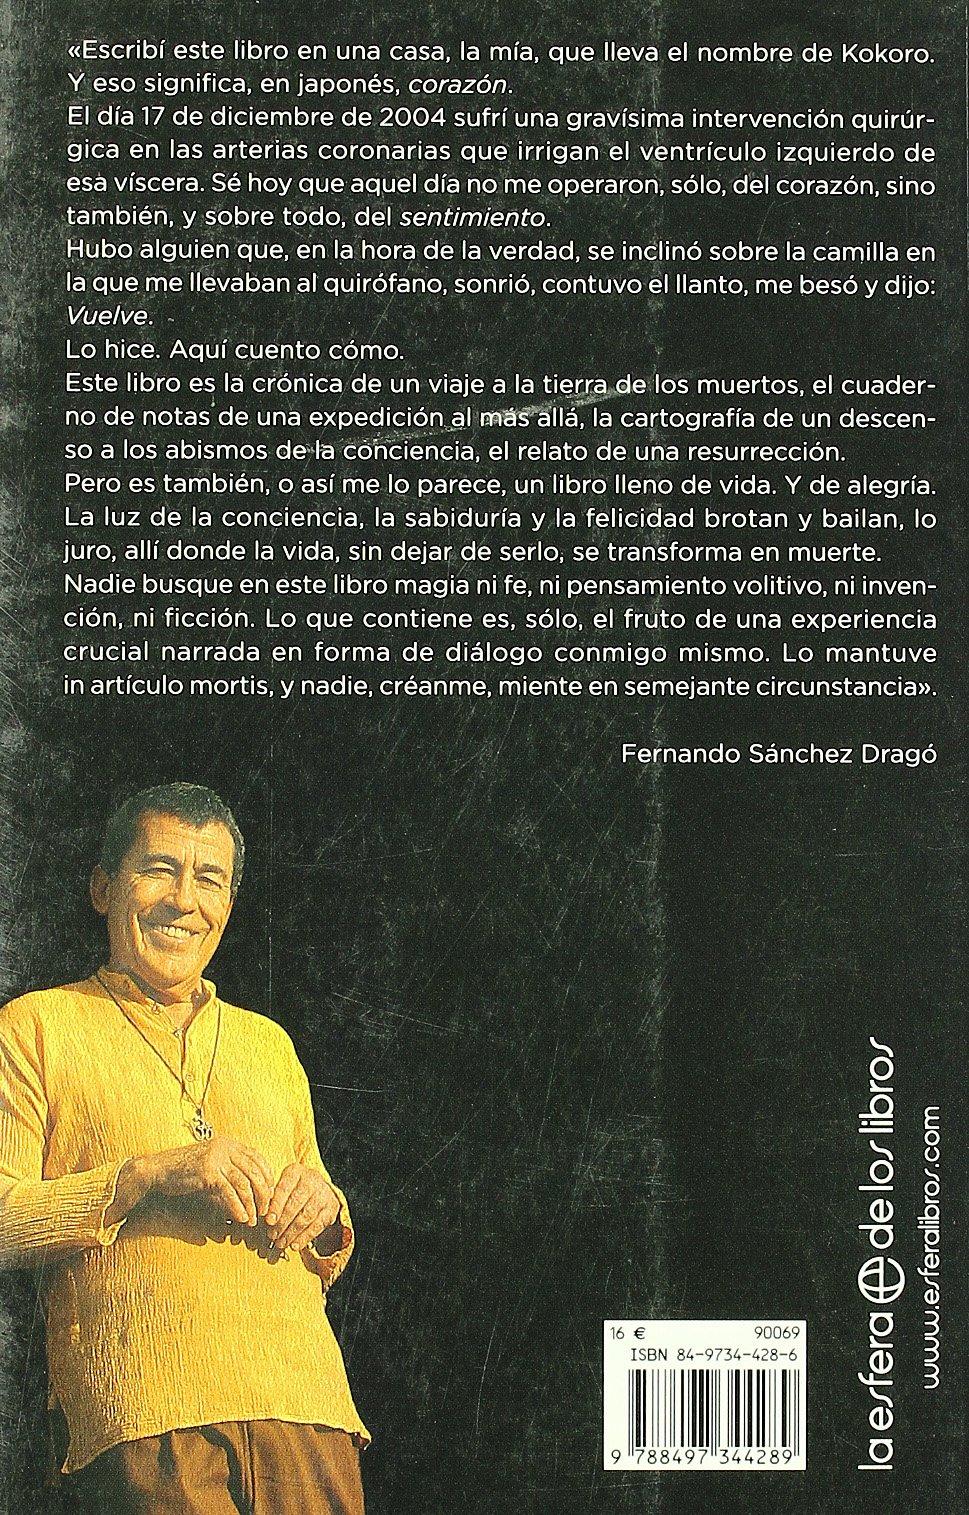 Kokoro - A Vida O Muerte: Amazon.es: Sanchez Drago, Fernando: Libros